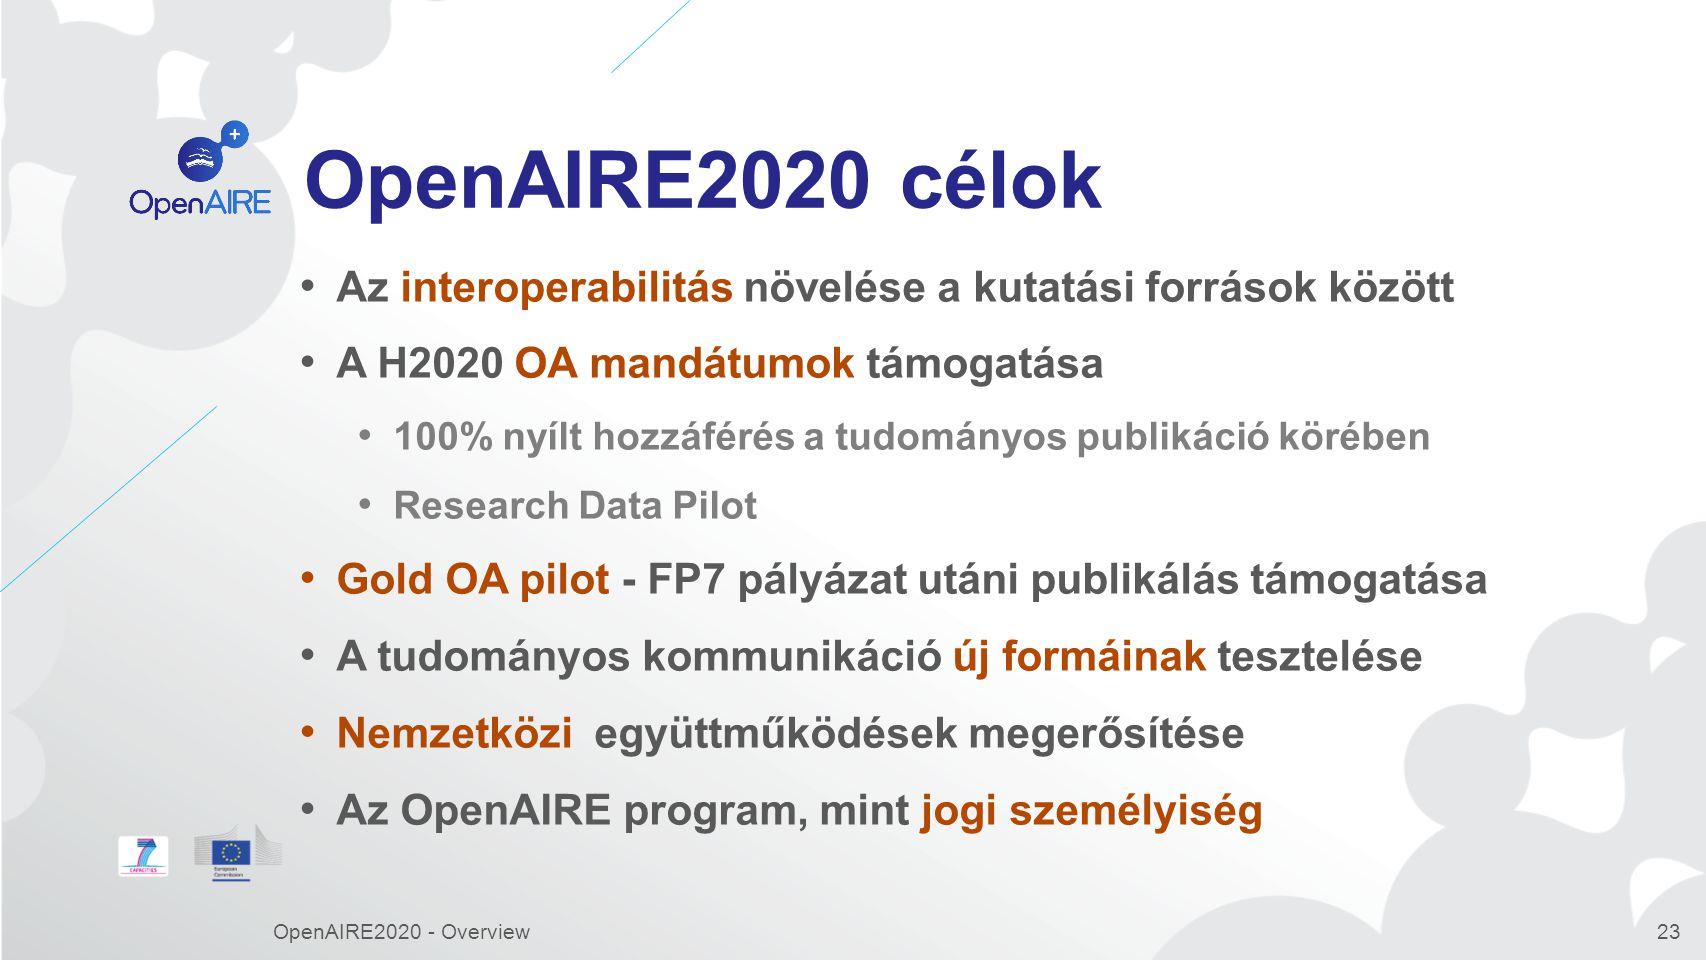 OpenAIRE2020 célok Az interoperabilitás növelése a kutatási források között. A H2020 OA mandátumok támogatása.